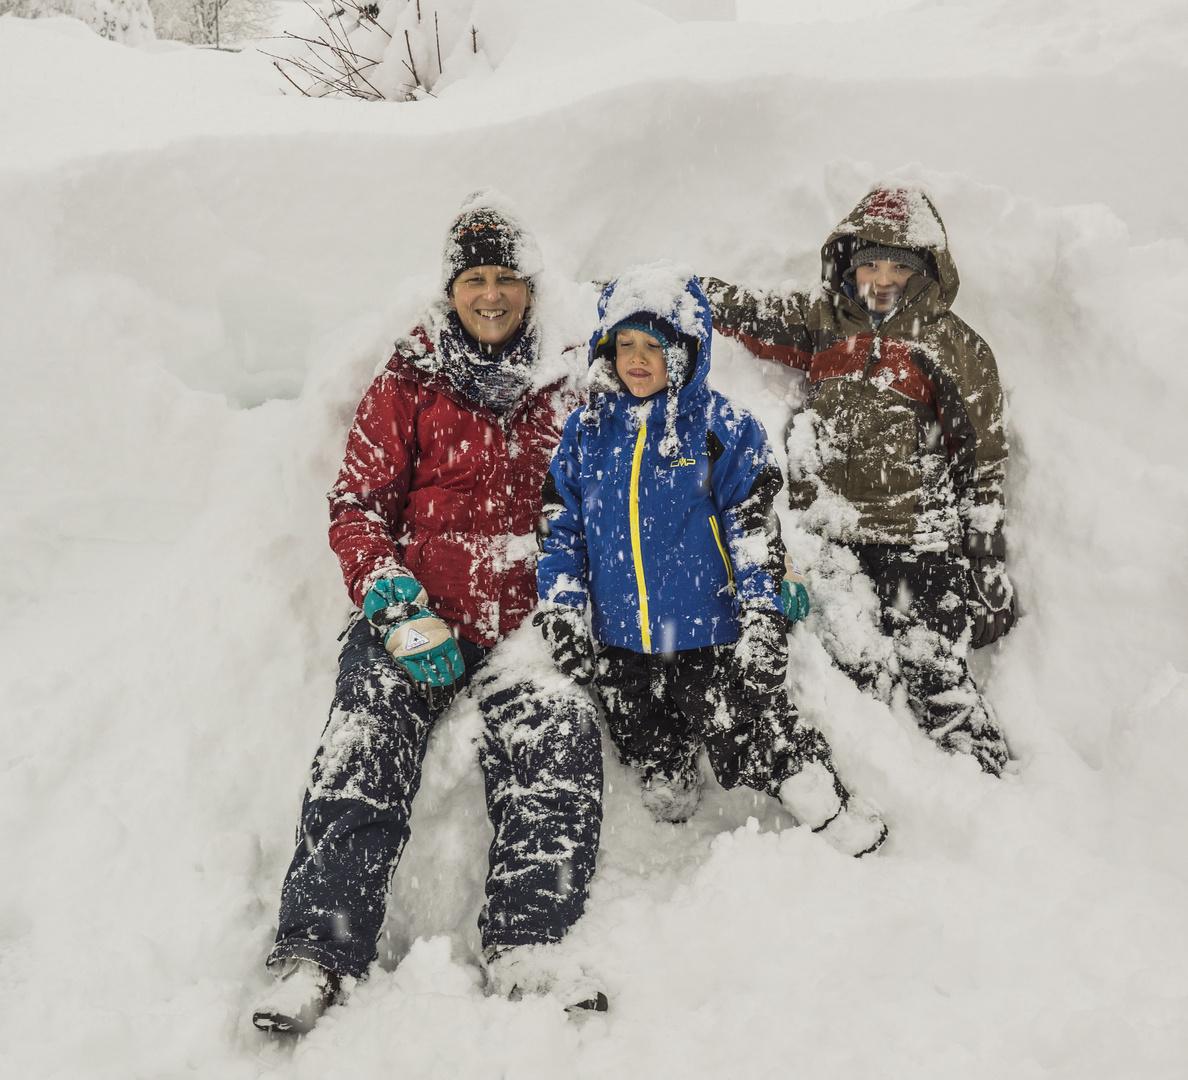 Familienbild im Schnee